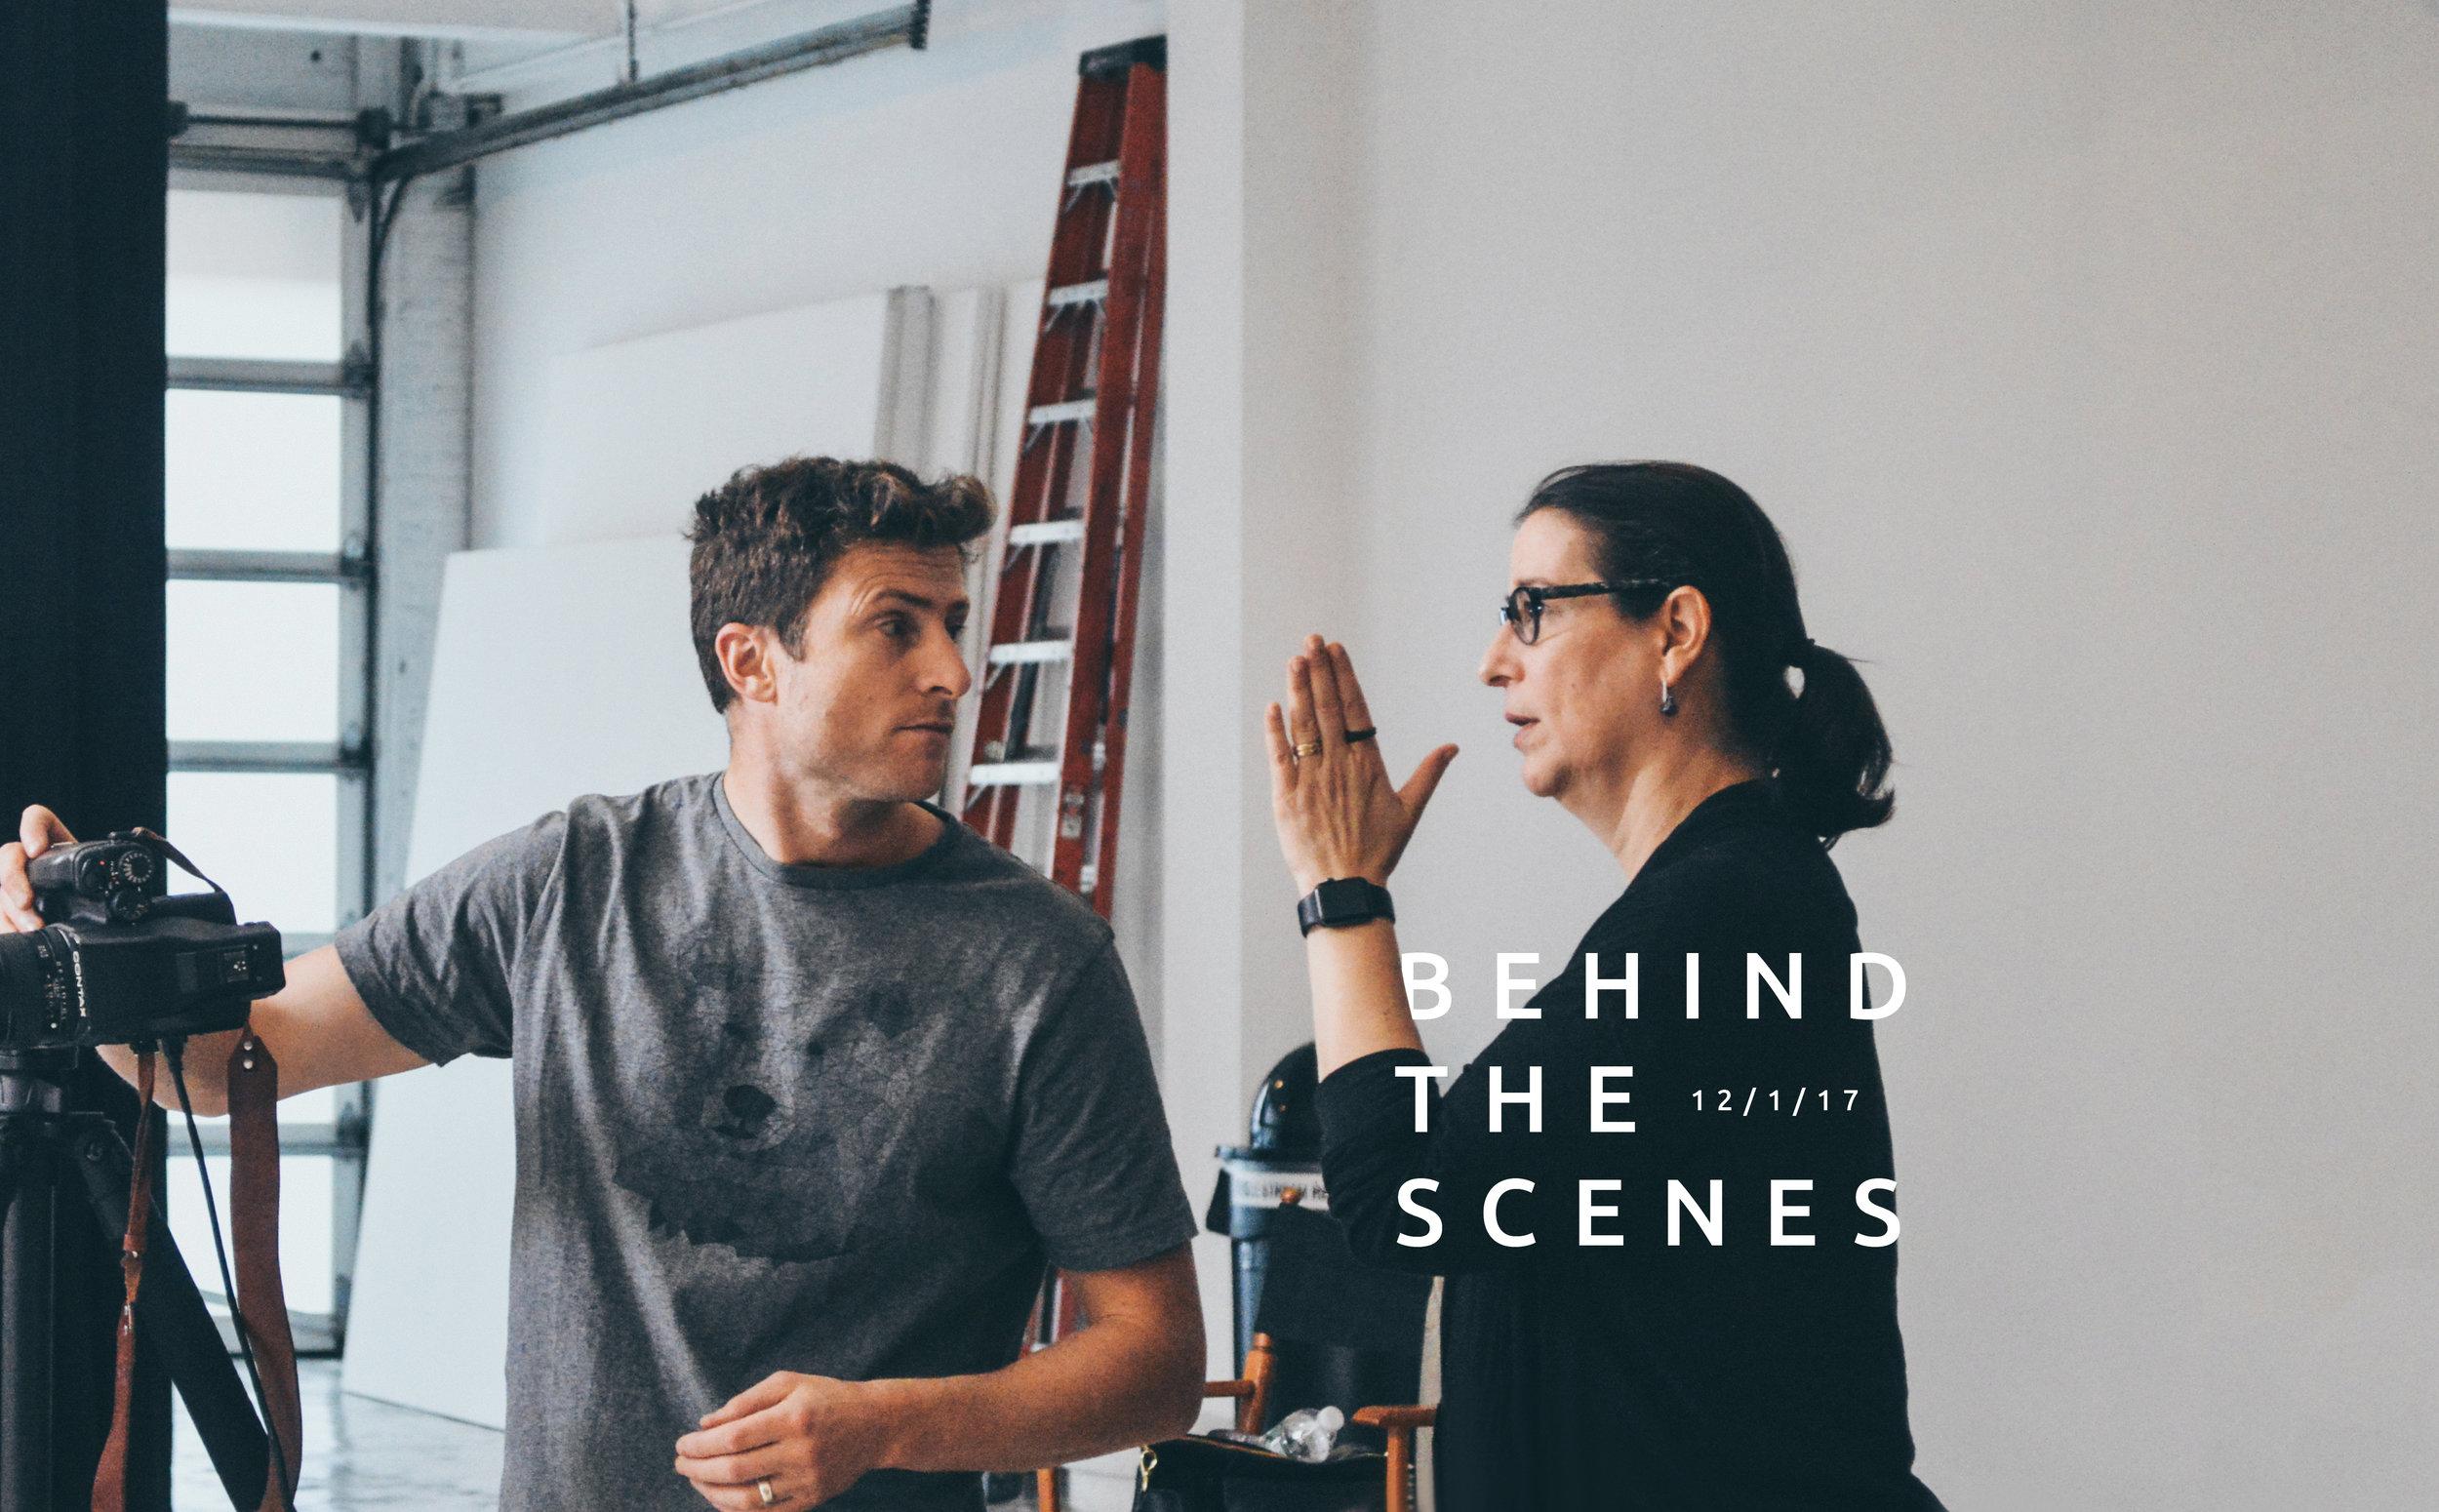 Beast_behind_scenes Cover.jpg